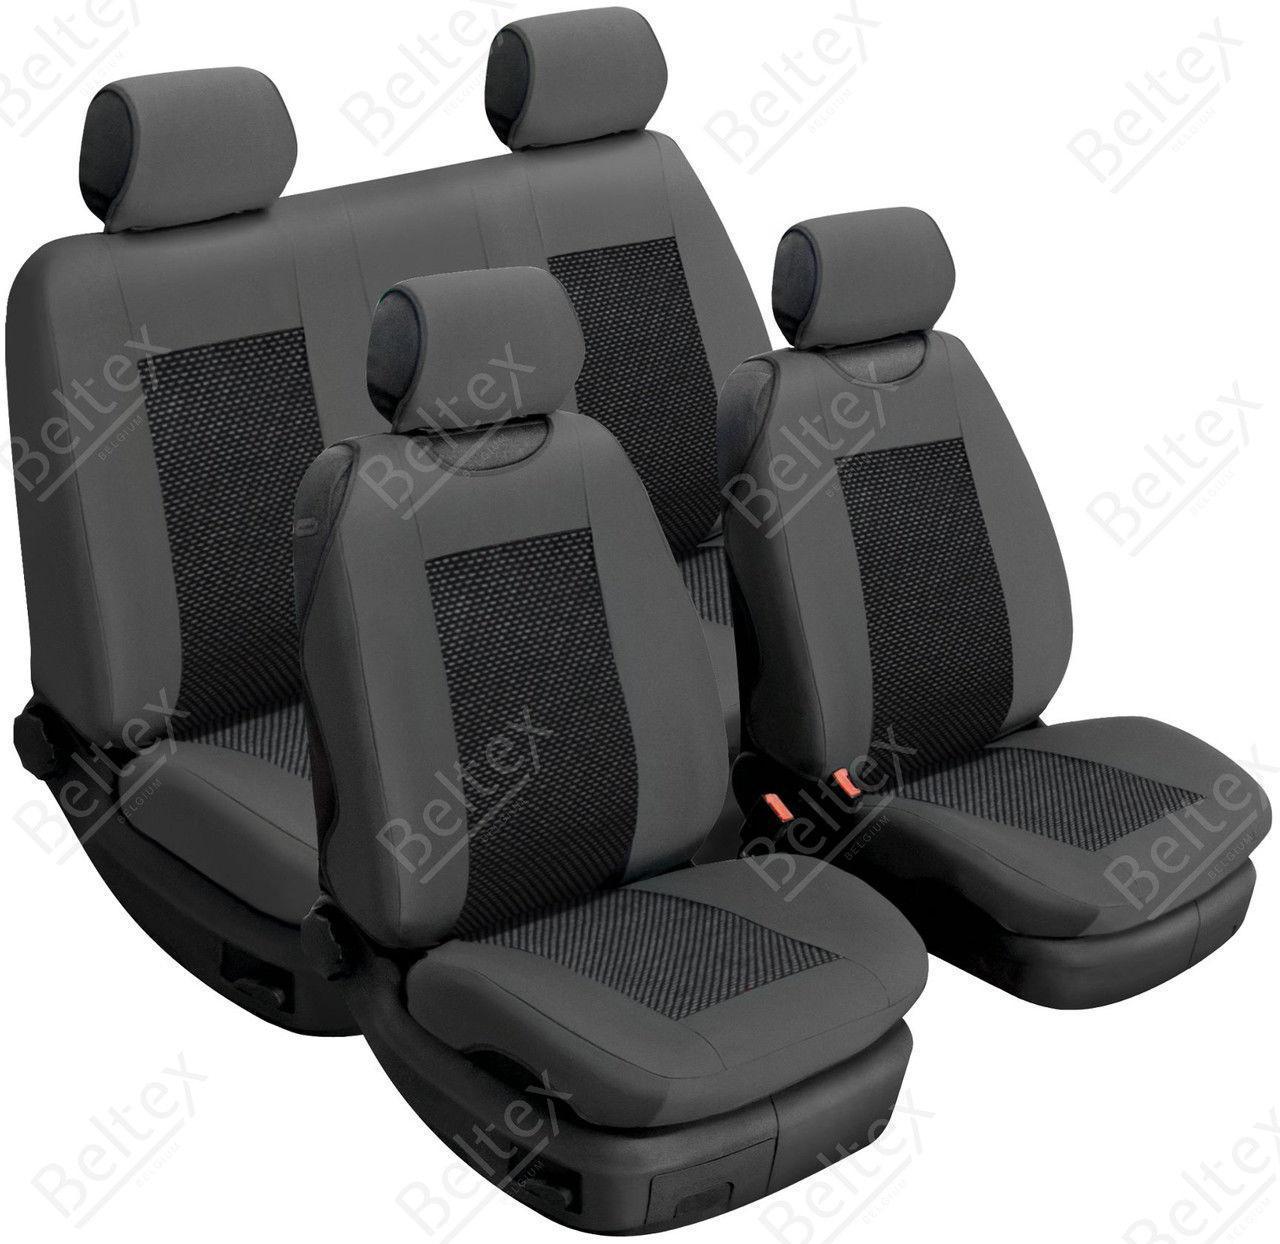 Майки/чехлы на сиденья Митсубиси СпейсСтар (Mitsubishi SpaceStar)